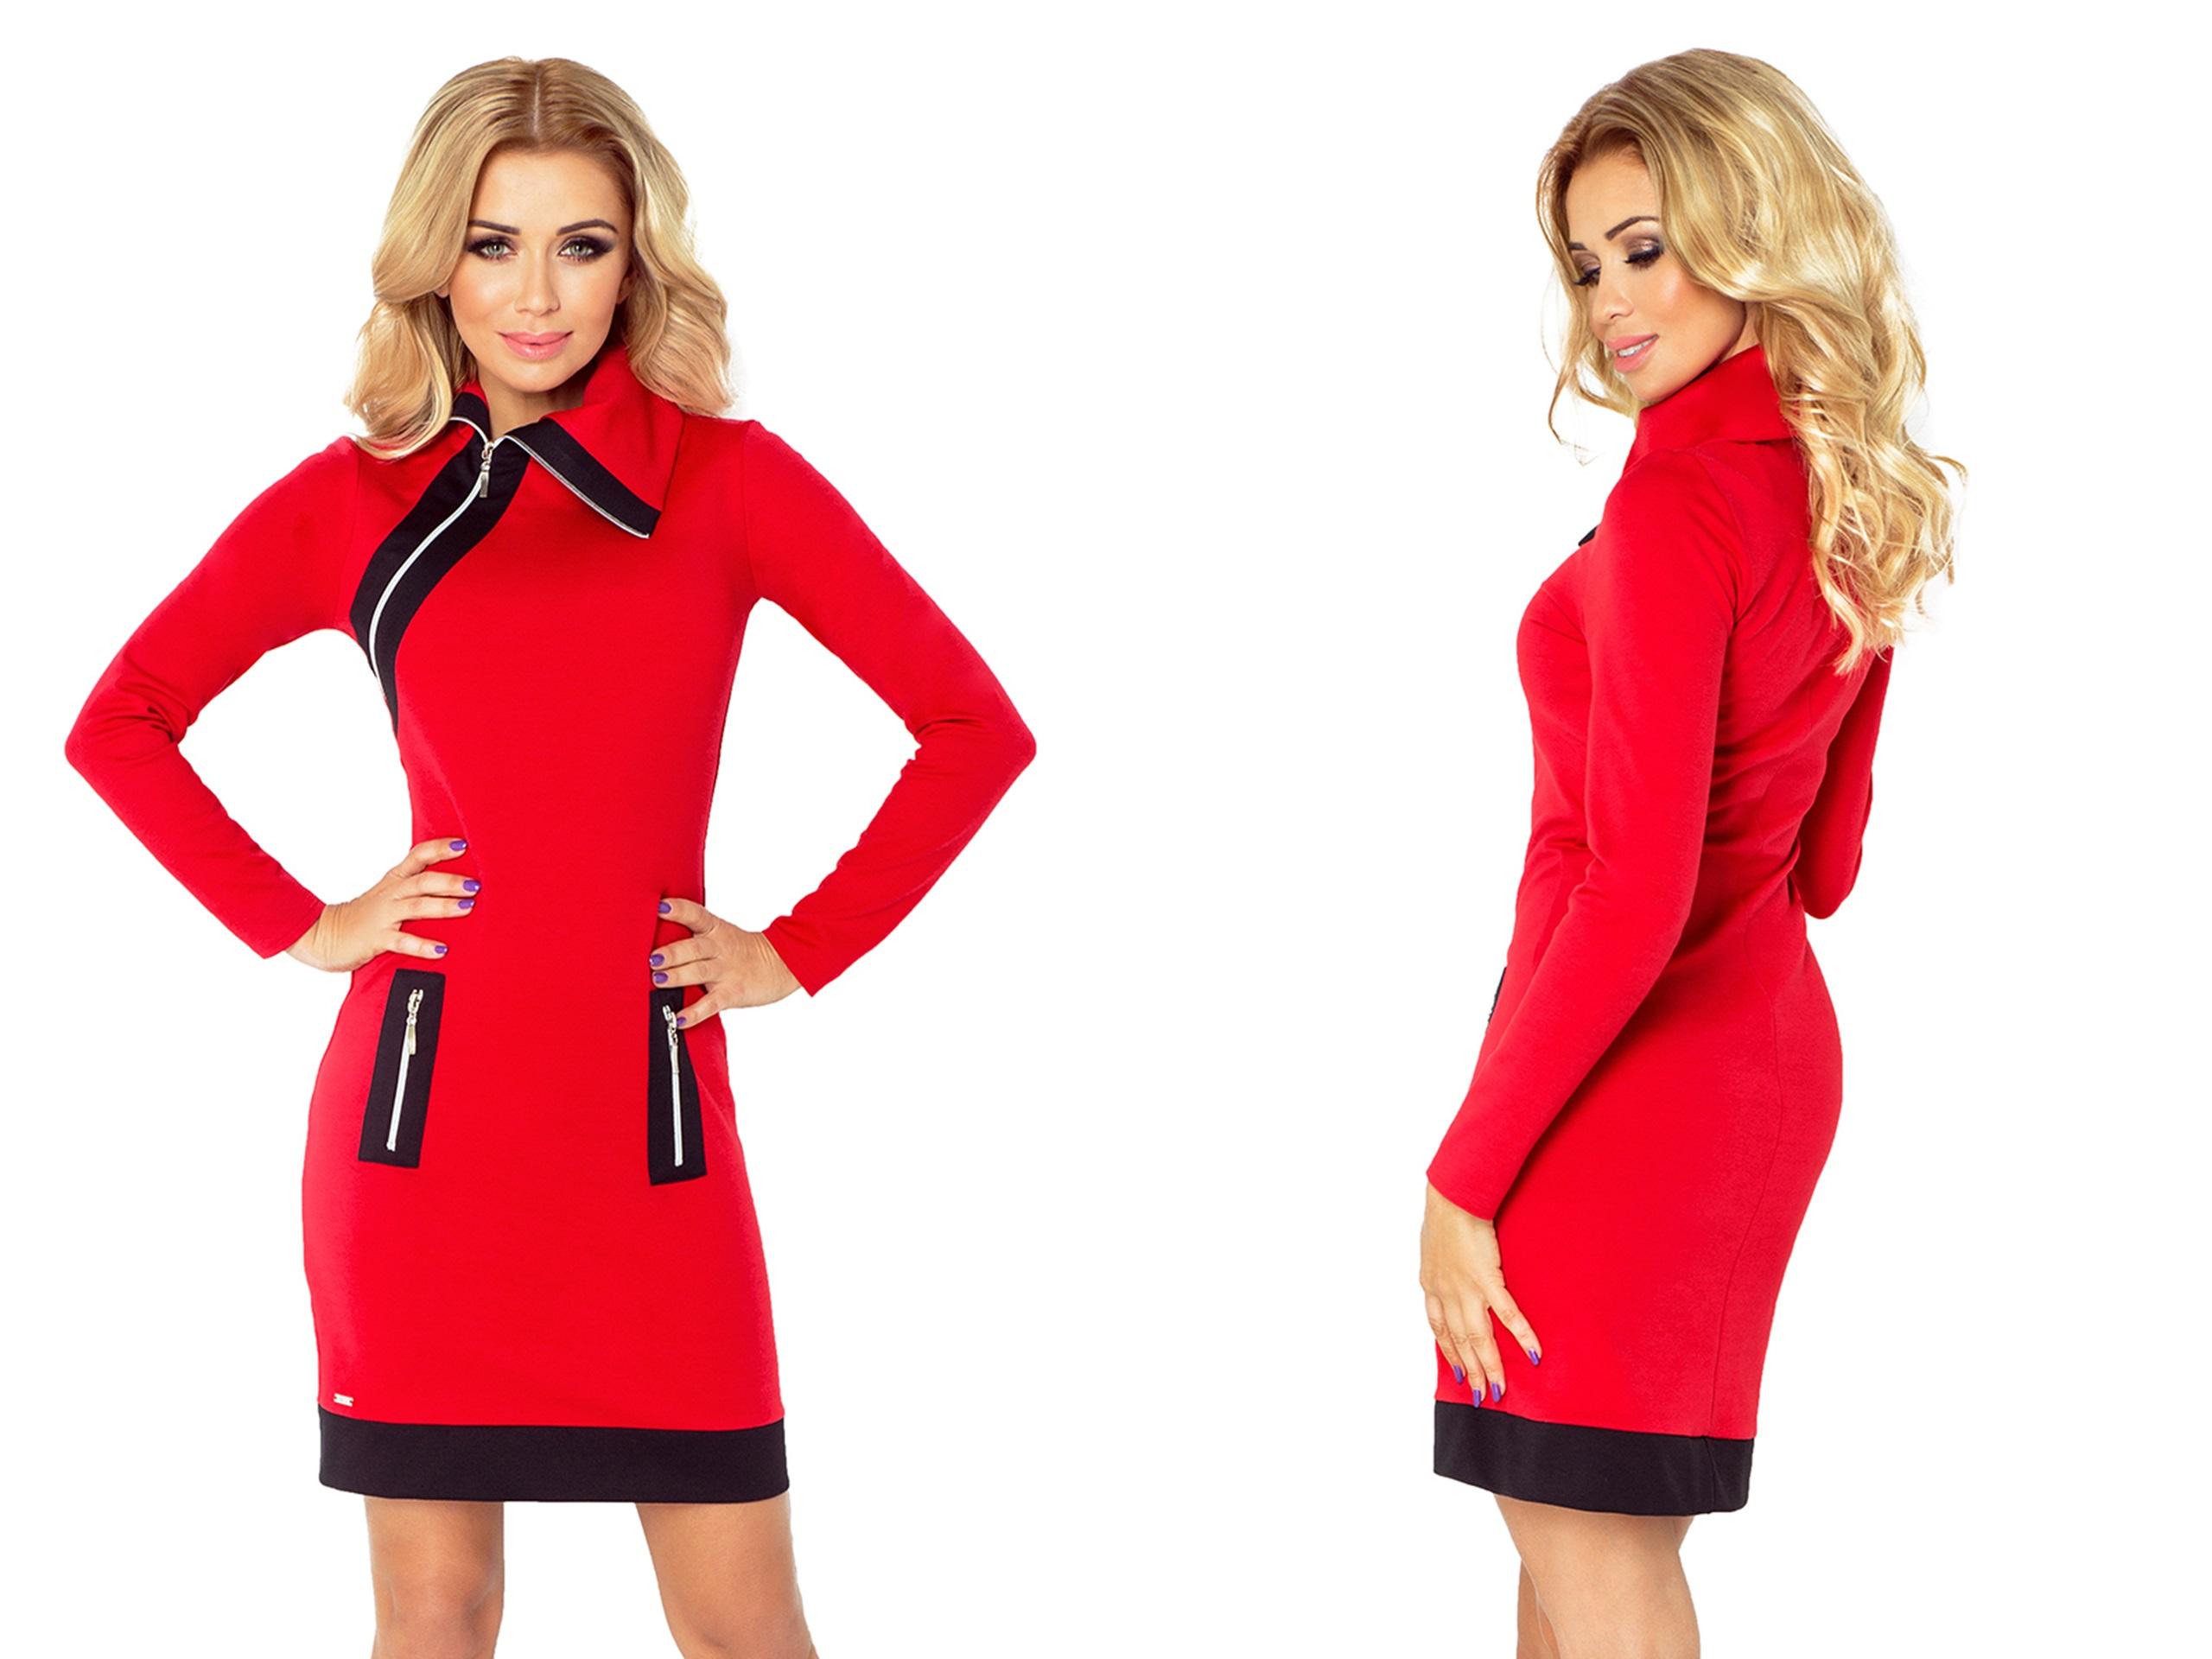 e9a8aa3184 MODNA Sukienka NA CO DZIEŃ DUŻE ROZMIARY 129-3 XXL 7288025940 - Allegro.pl